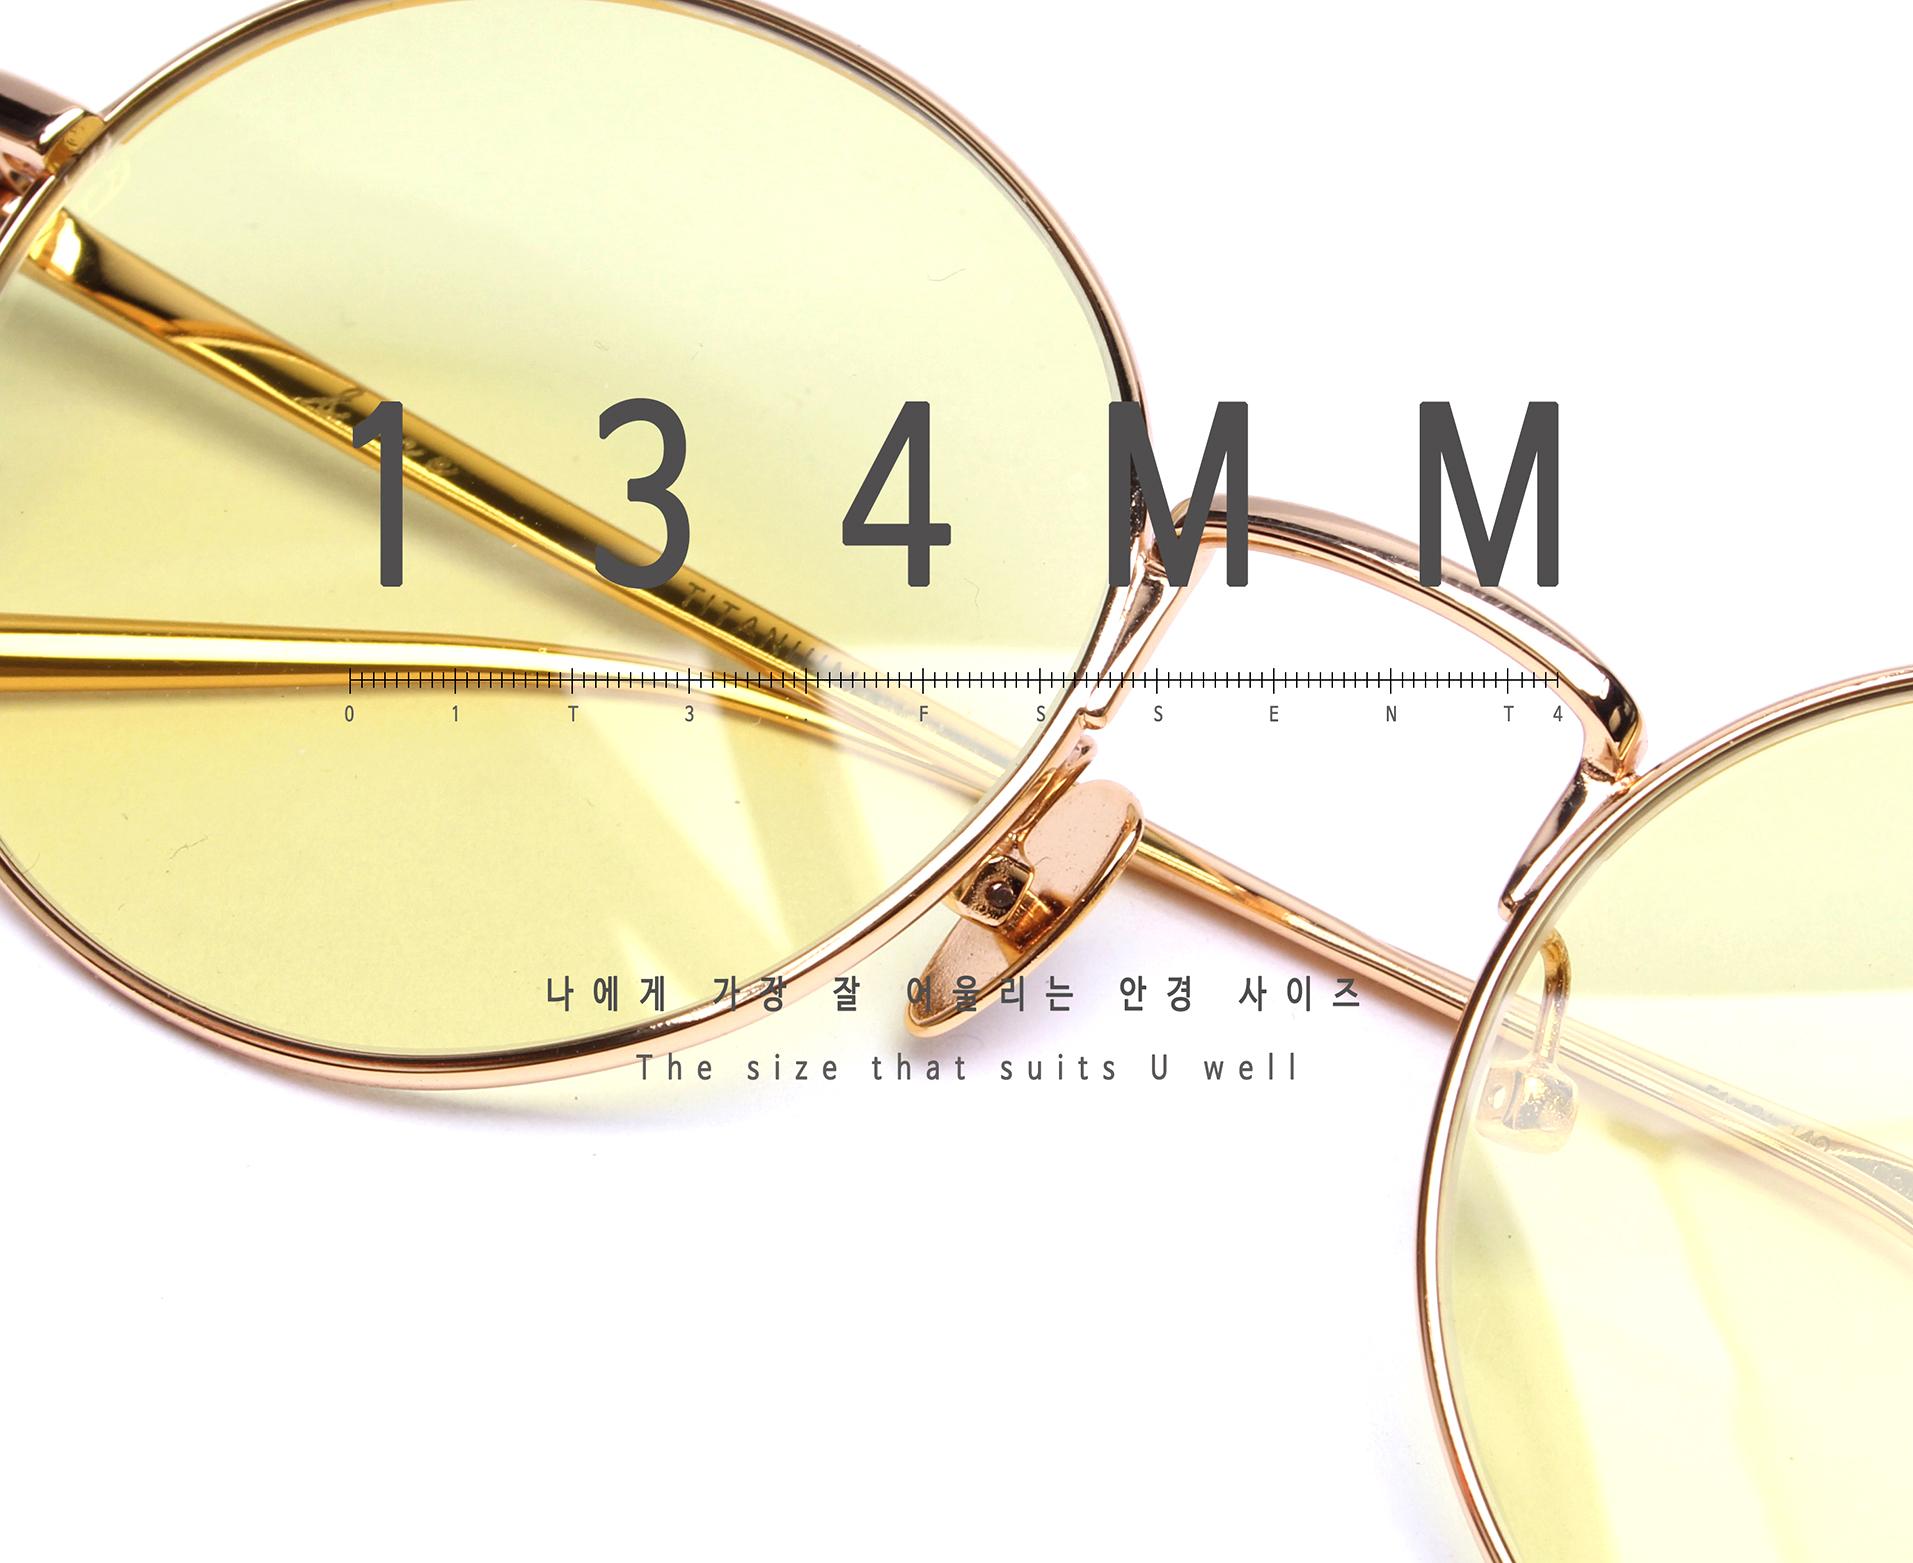 일삼사엠엠(134MM) A000646 옐로우틴트 선글라스 티타늄-IP도금